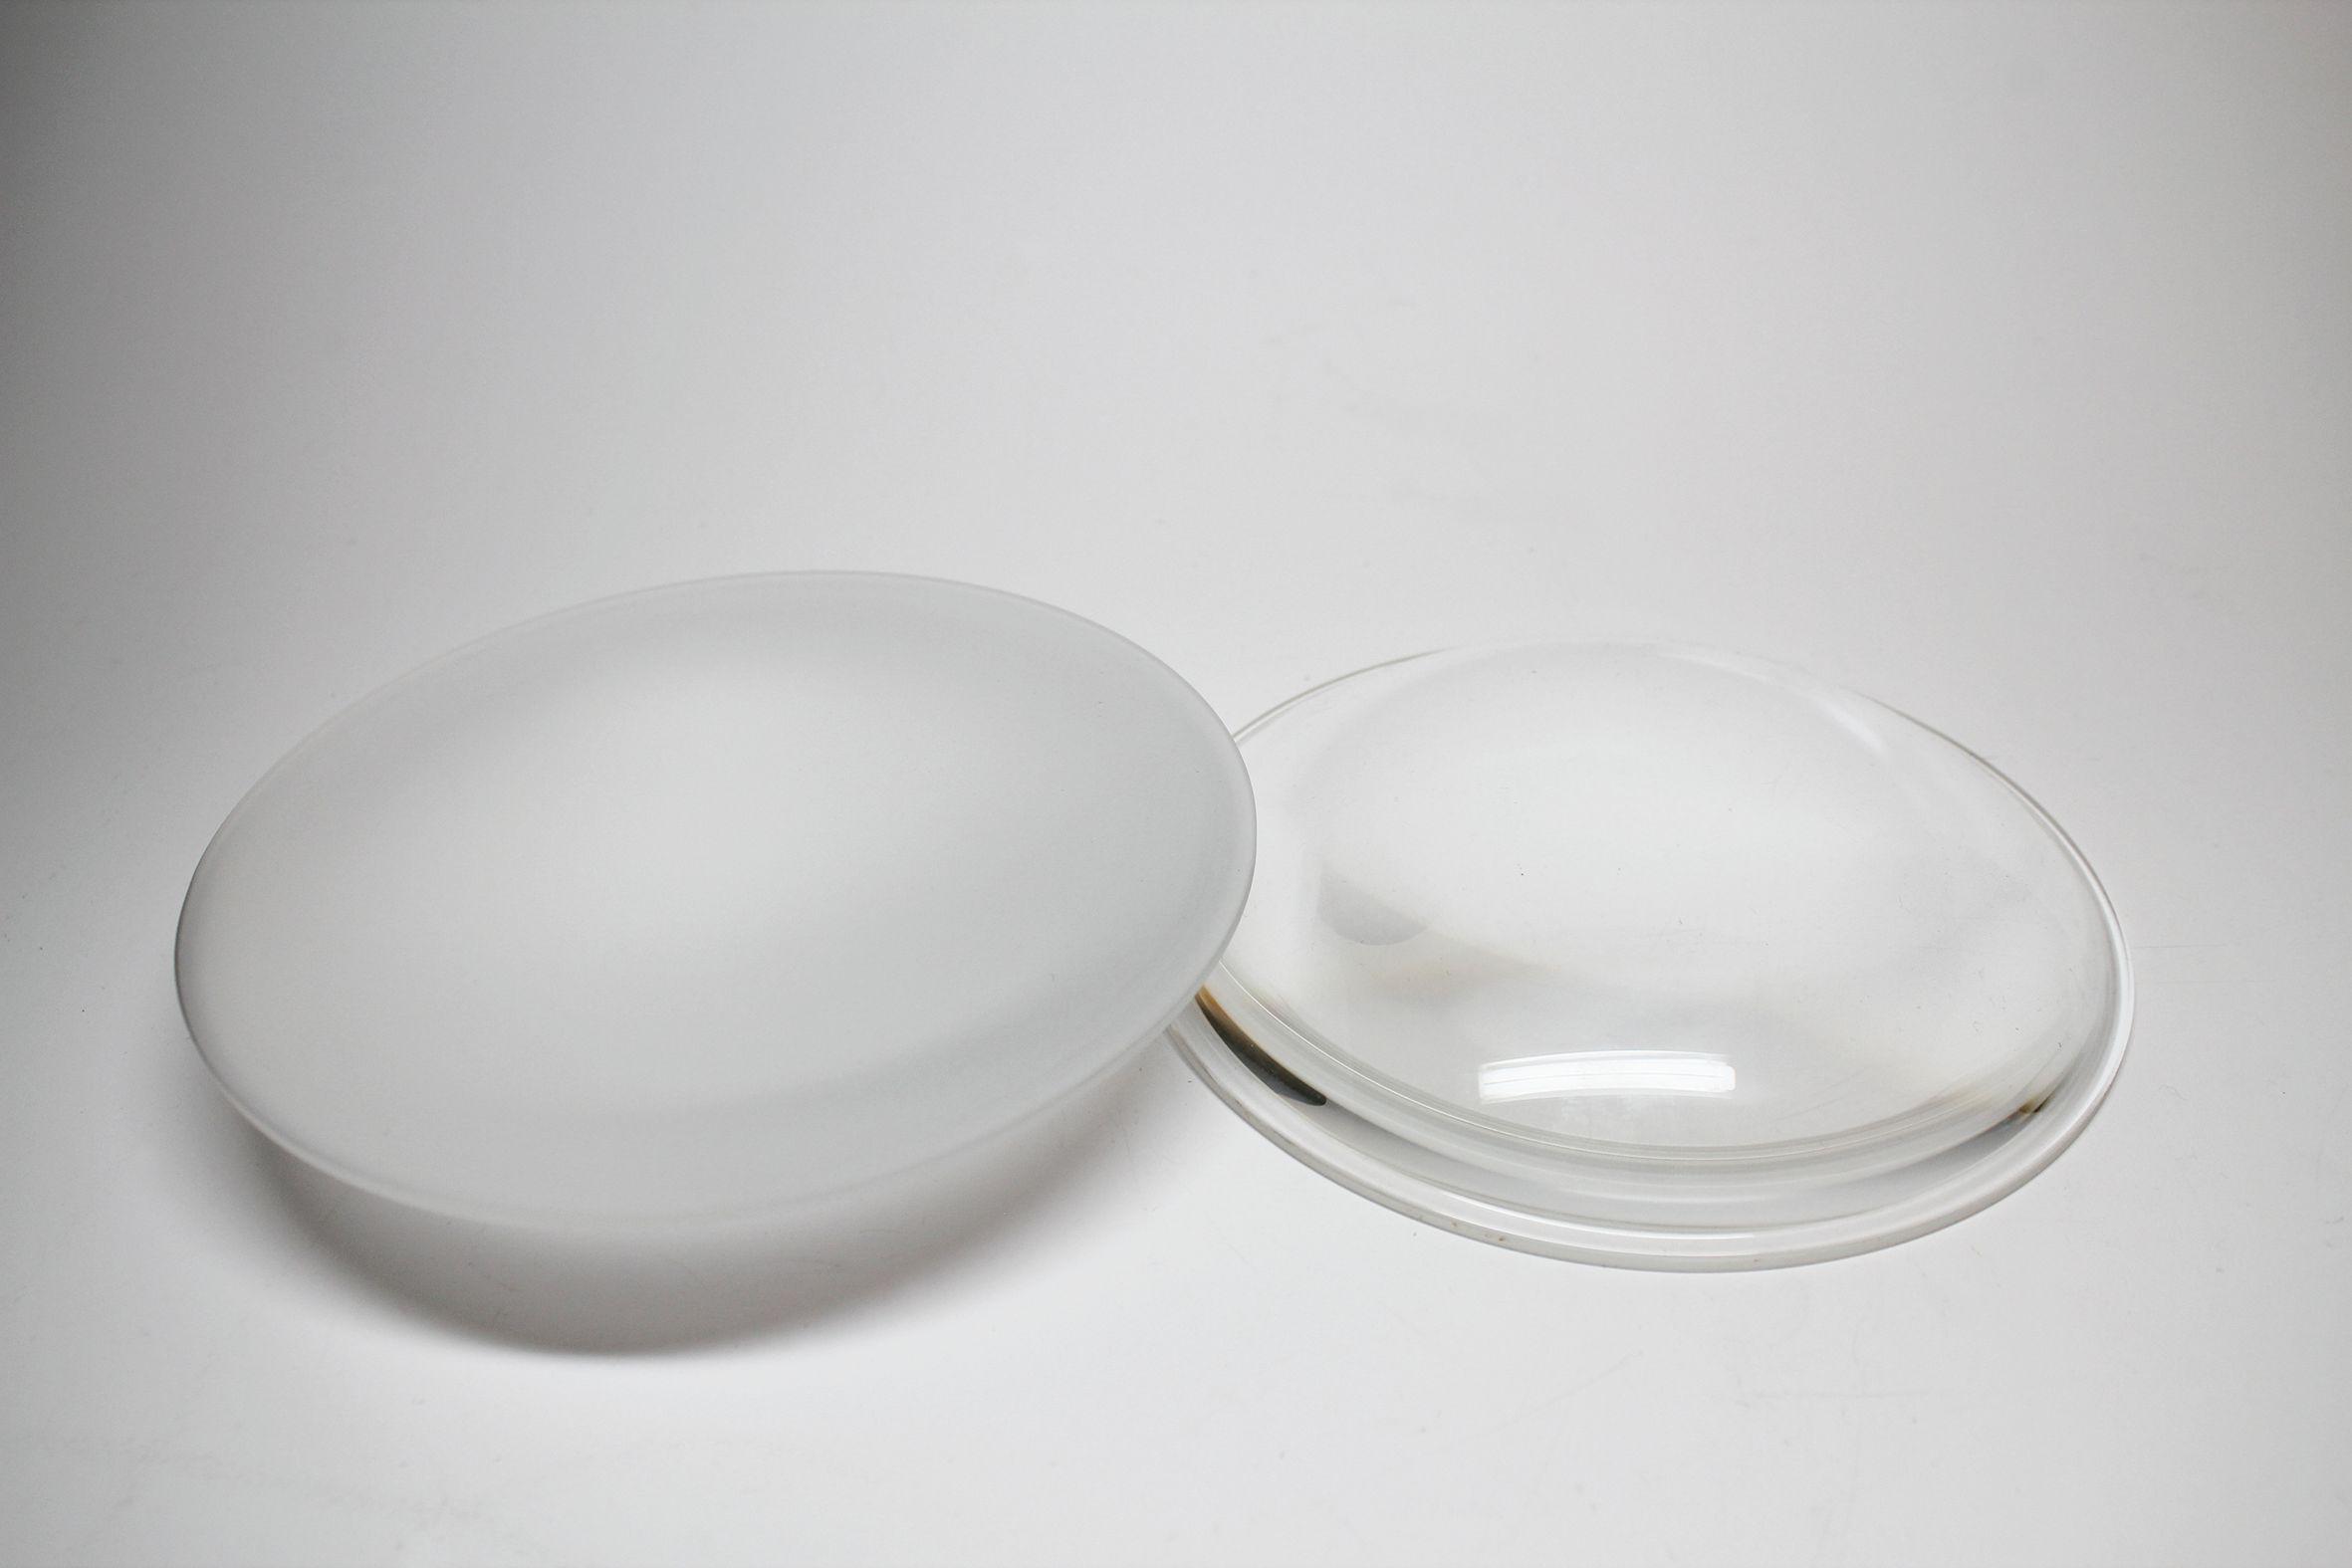 Top Light Leuchten Artikel von Top Light Leuchten Glas mattiert Puk Maxx 2-3037